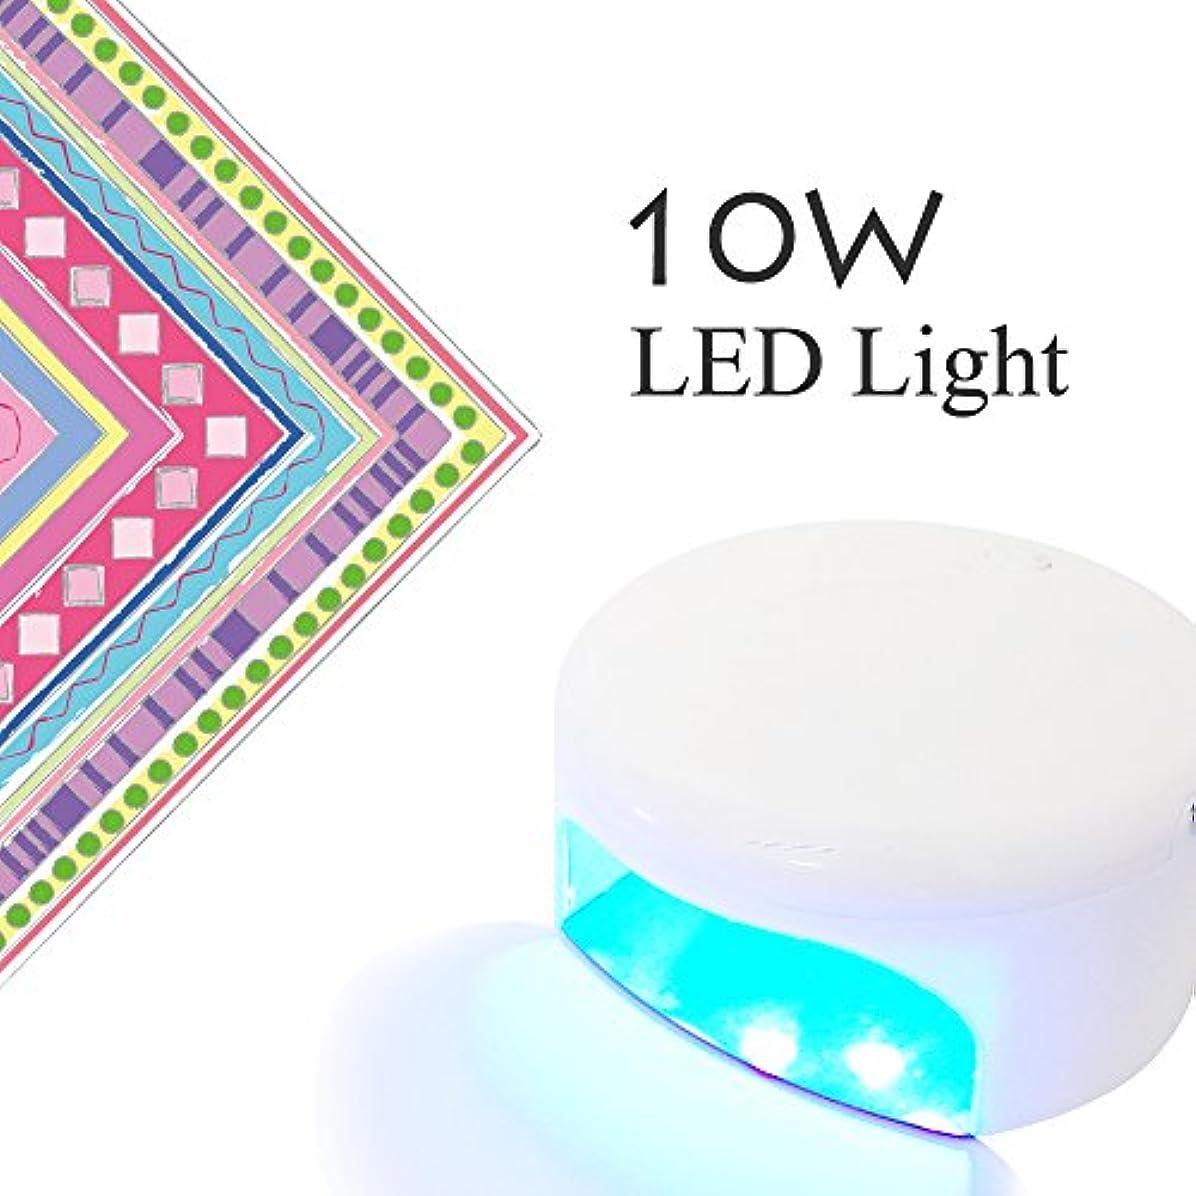 バイオレット苦しみ受益者ネイル用LEDライト 10W チップLED搭載 【LED10wライト】コンパクトハイパワー保証書。取扱説明書付き ジェルネイル (10W)